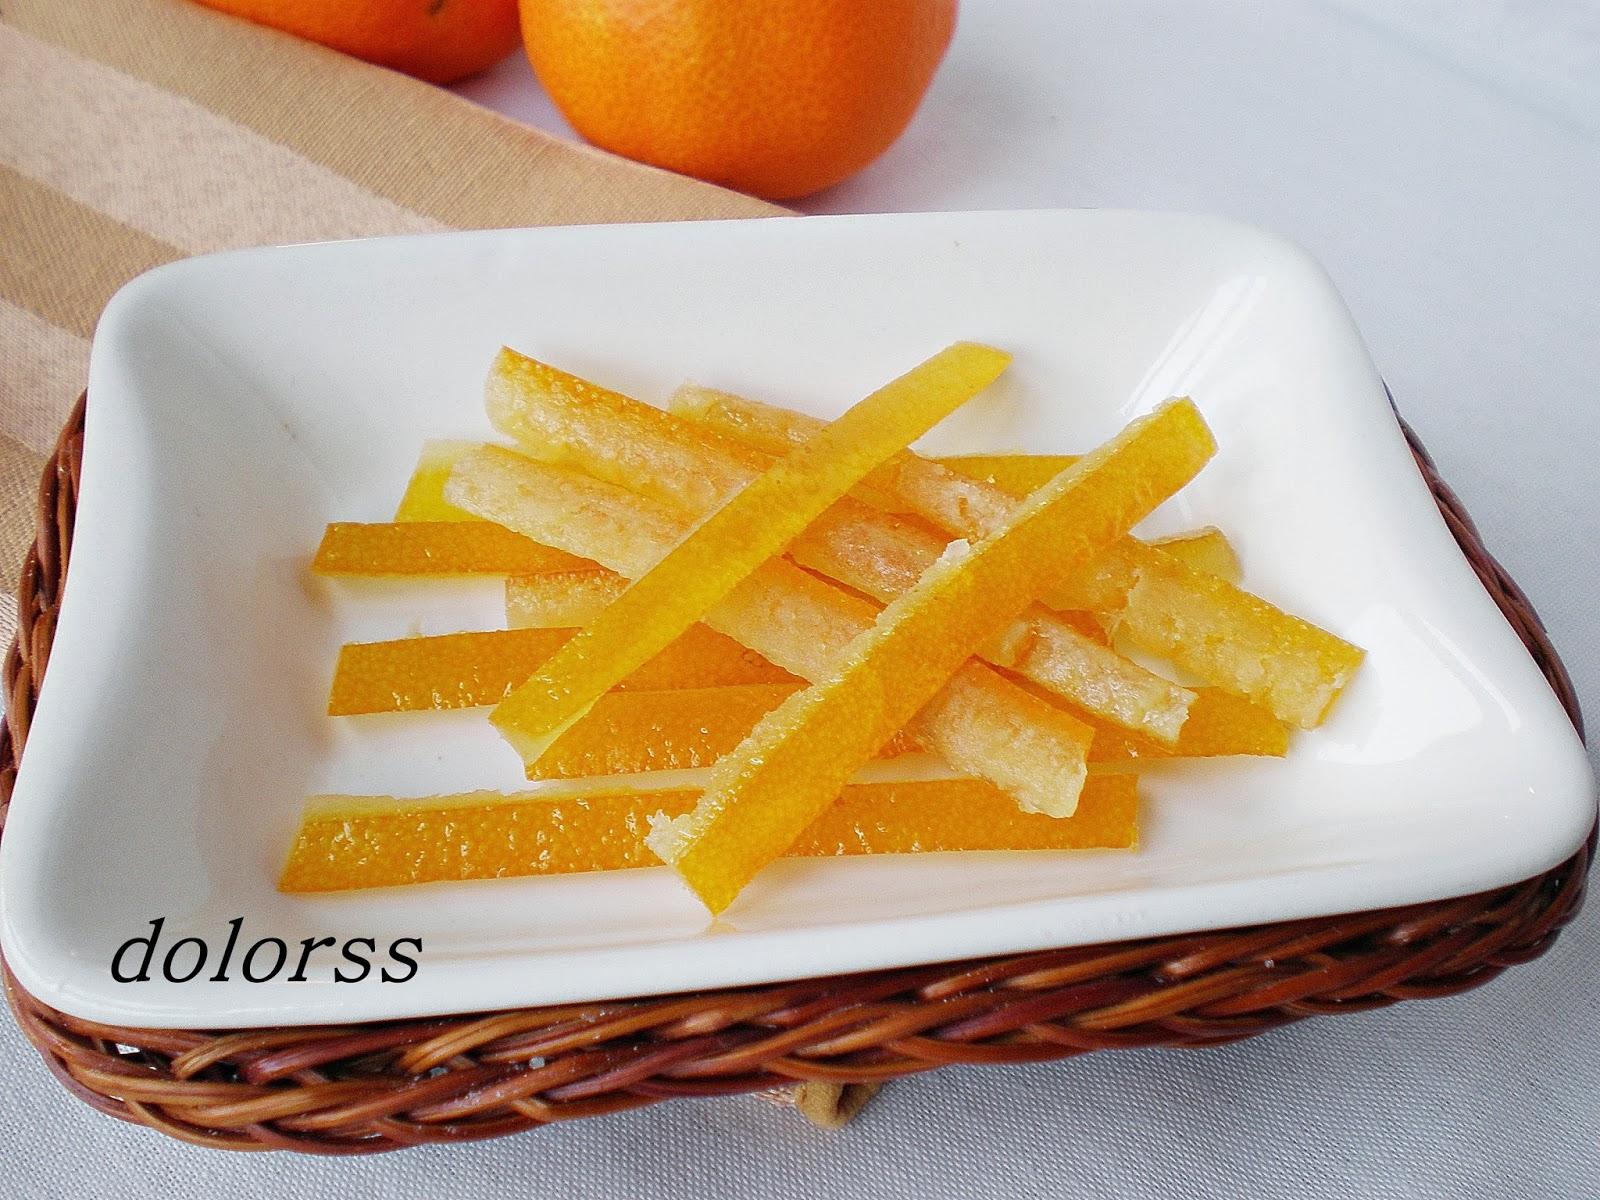 Blog De Cuina De La Dolorss Piel De Naranja Confitada